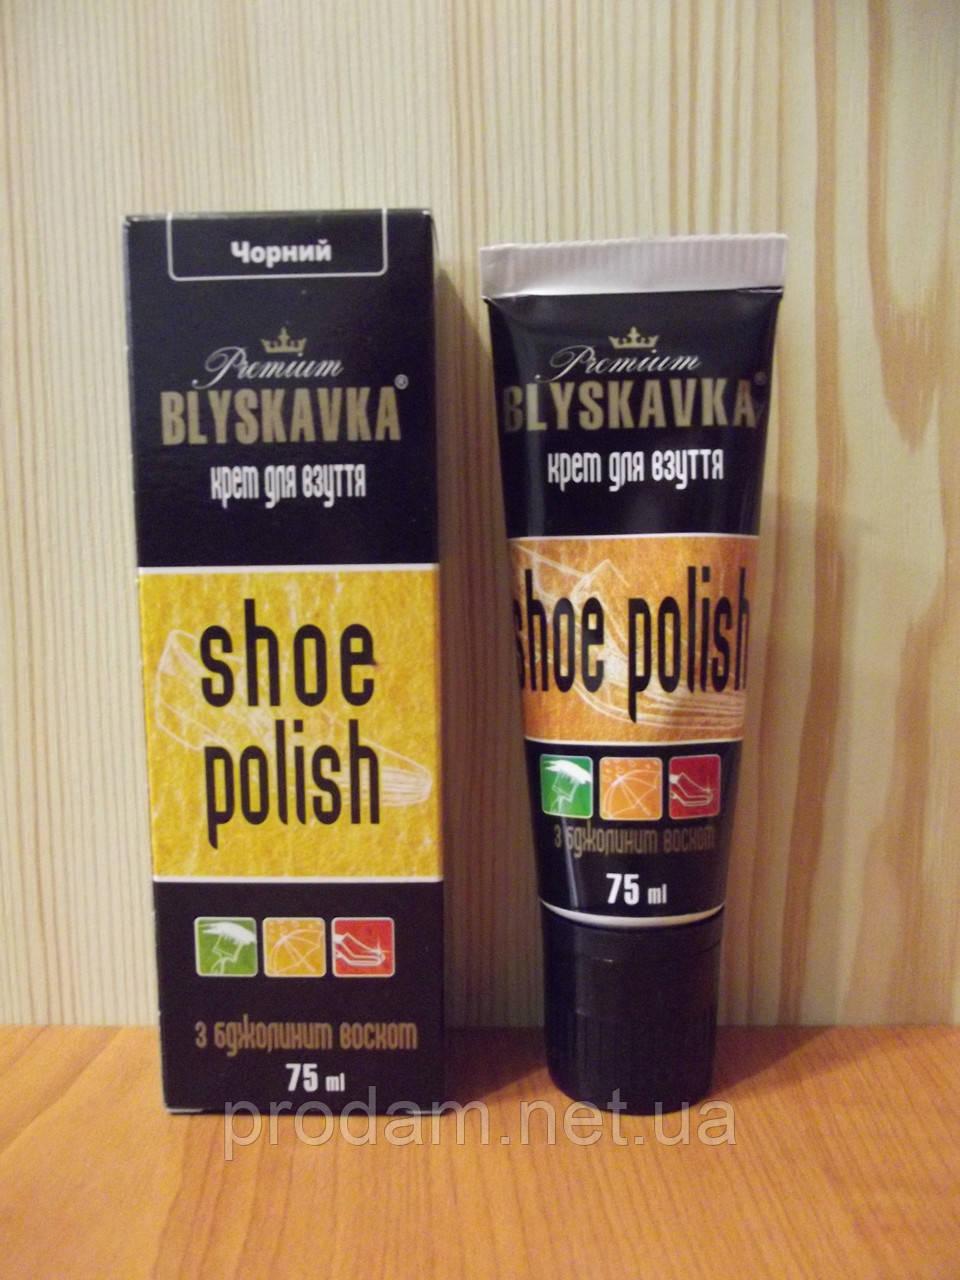 Крем для обуви BLYSKAVKA 75мл с гукой белый